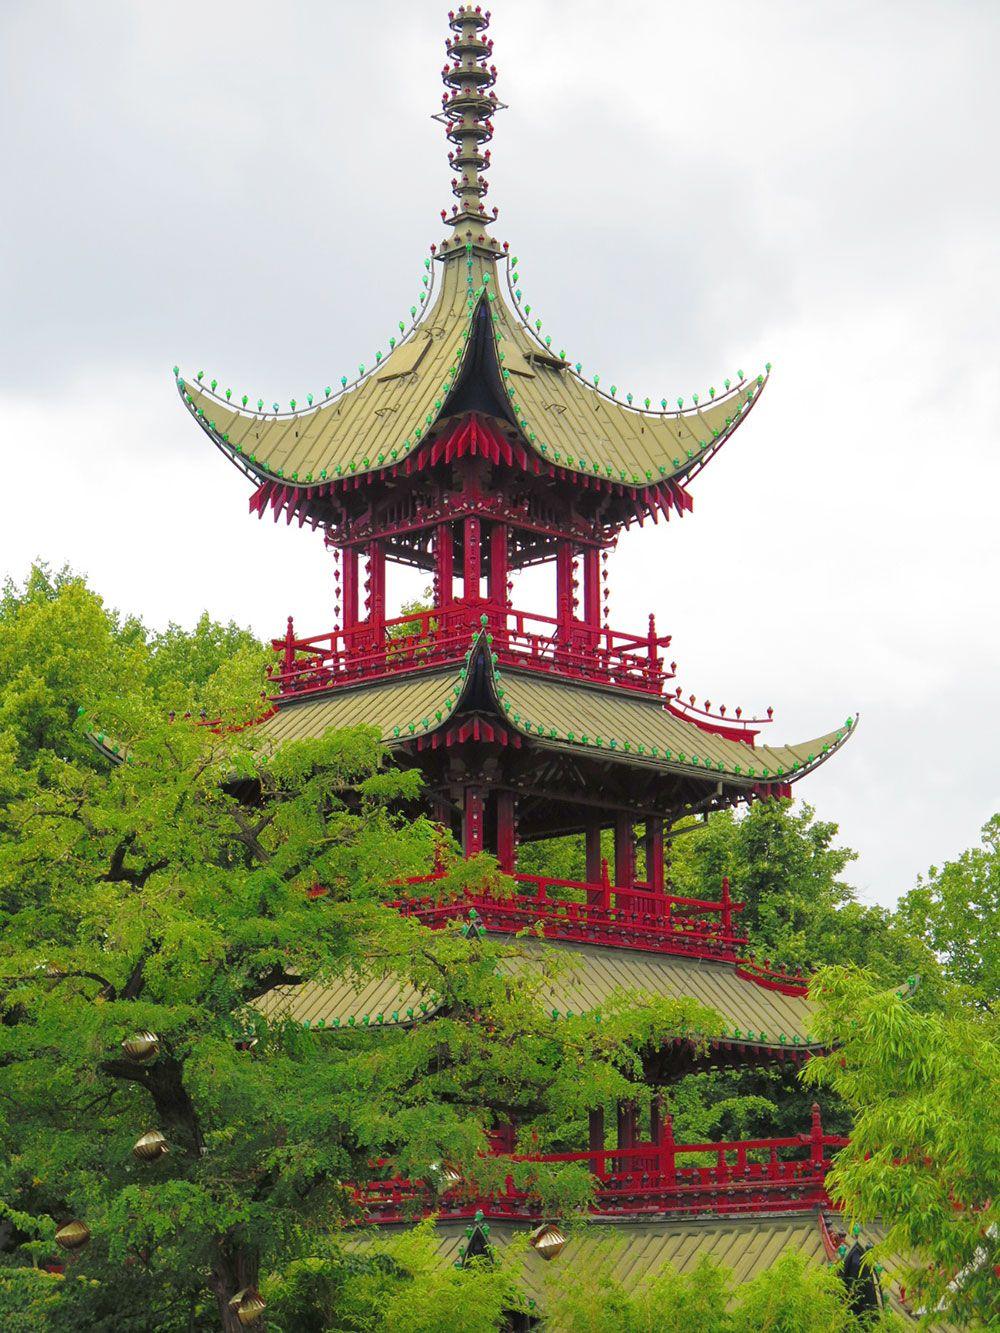 Parque de Atracciones Tivoli - Copenhague - Pagoda